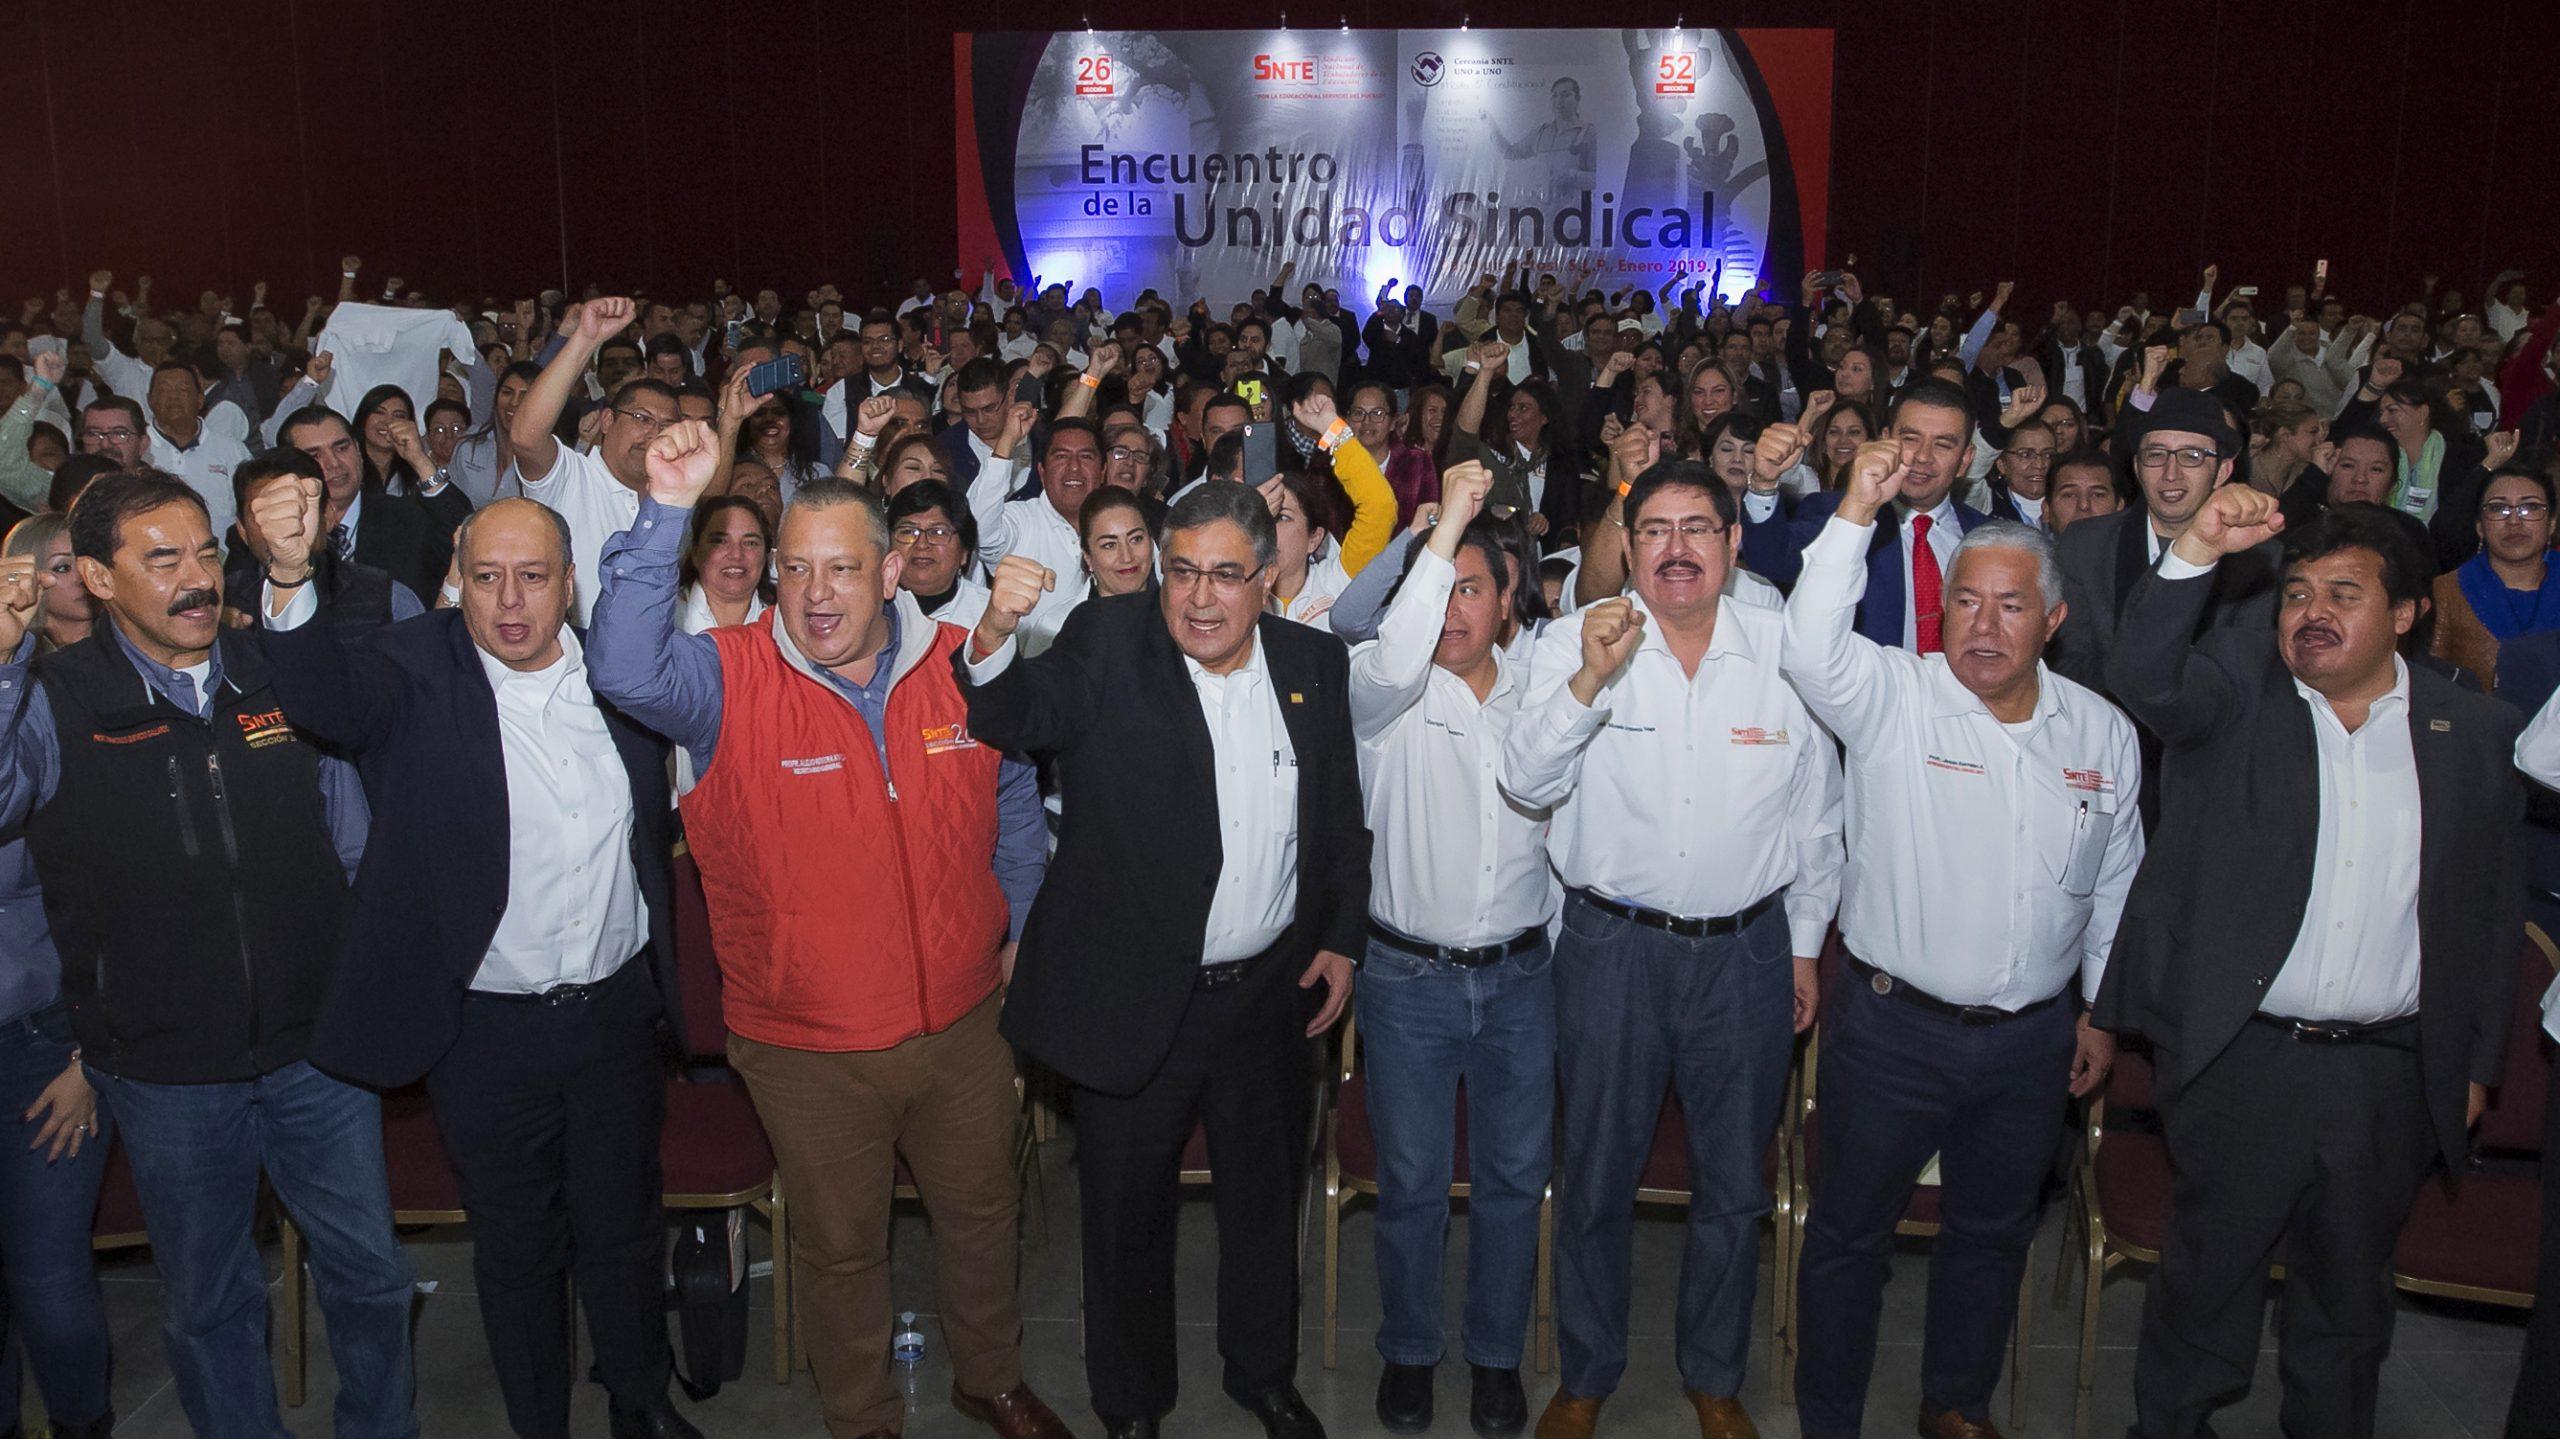 La nueva dirigencia del SNTE fortalece la unidad del Sindicato